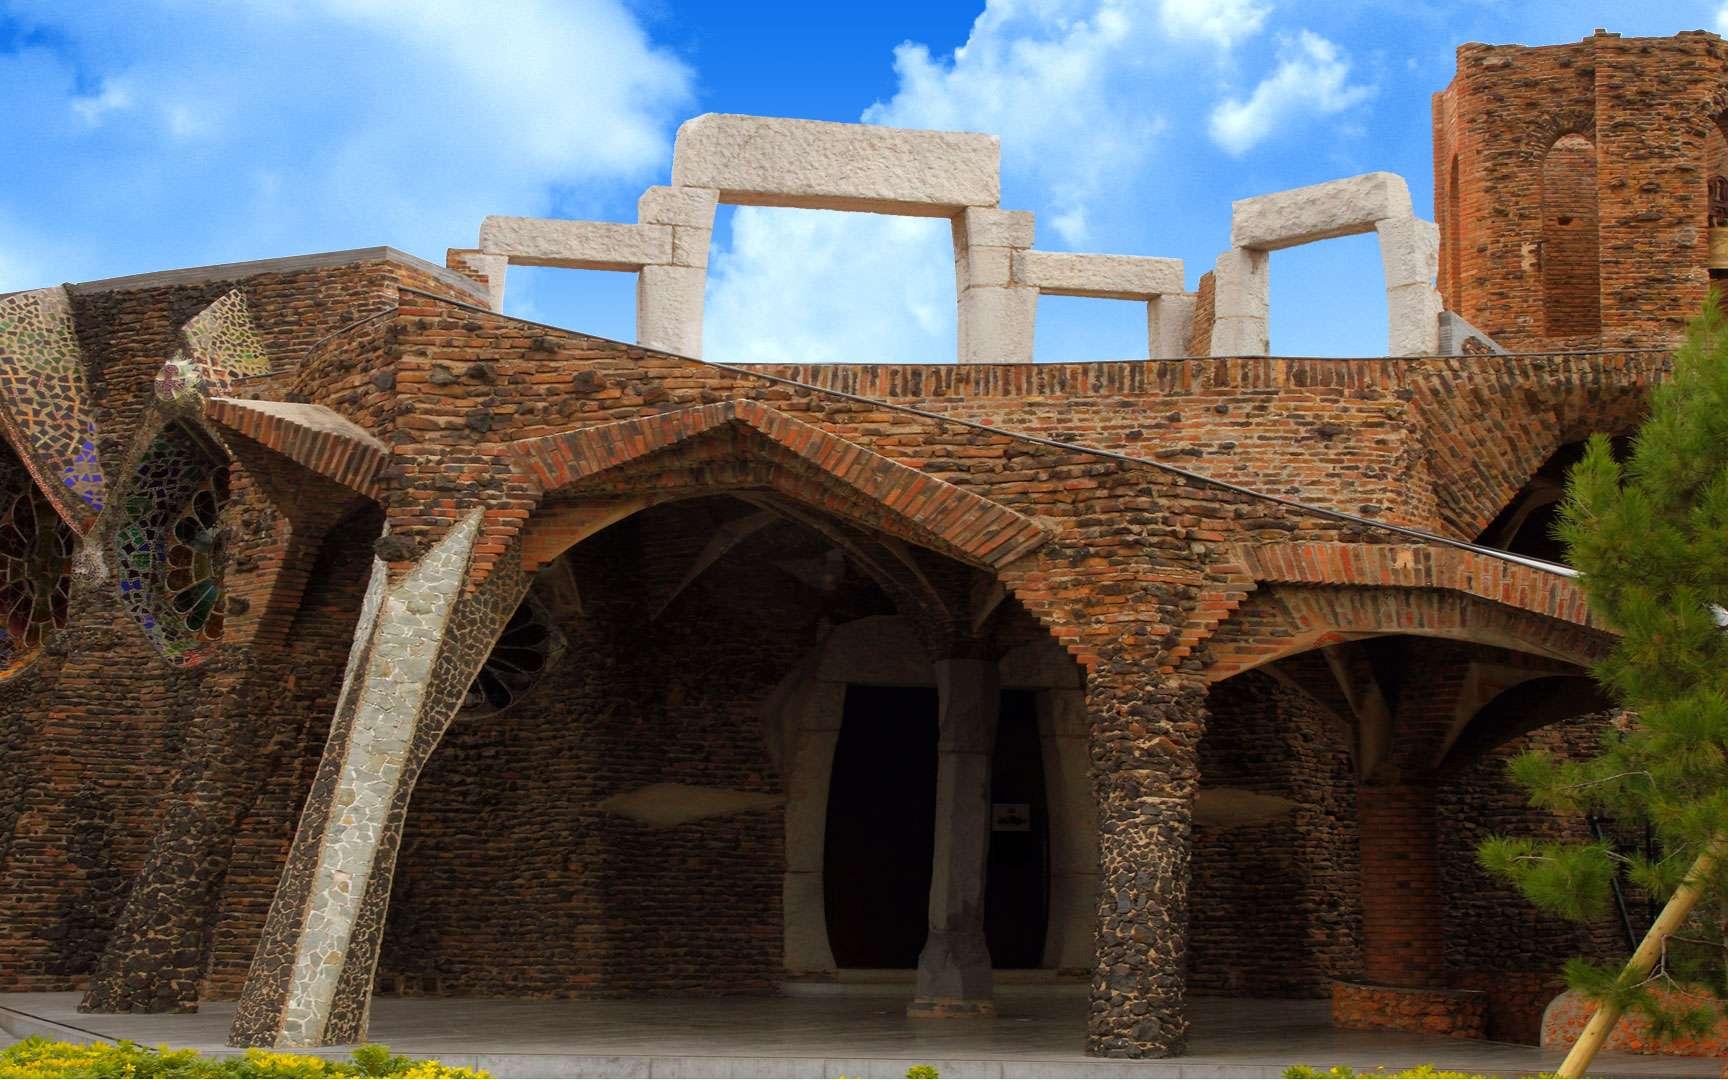 À quelques kilomètres de Barcelone se dresse l'une des œuvres les plus méconnues d'Antoni Gaudi : la crypte de la Colonie Güell. Son histoire est étonnante.À l'origine, du projet, la volonté d'Eusebi Güell d'offrir quelques avantages aux ouvriers de son usine textile. C'est à Gaudi que revient la lourde tâche d'imaginer l'église de la colonie. L'architecte moderniste réfléchit pendant des années aux solutions audacieuses qu'il va y incorporer. Son idée : bâtir une église à deux nefs, inférieure et supérieure. Une église coiffée de tours latérales et d'un dôme de pas moins de 40 mètres de haut. Mais la construction est stoppée lorsque Eusebi Güell tombe malade en 1914.Seuls, la nef inférieure et le portique d'entrée ont pu être achevés et le monument est alors qualifié de crypte. Malgré tout, cette œuvre est considérée, par sa complexité, comme l'une des plus importantes de Gaudi. © Pepe Manteca, Wikimedia Commons, CC by-NC 2.0